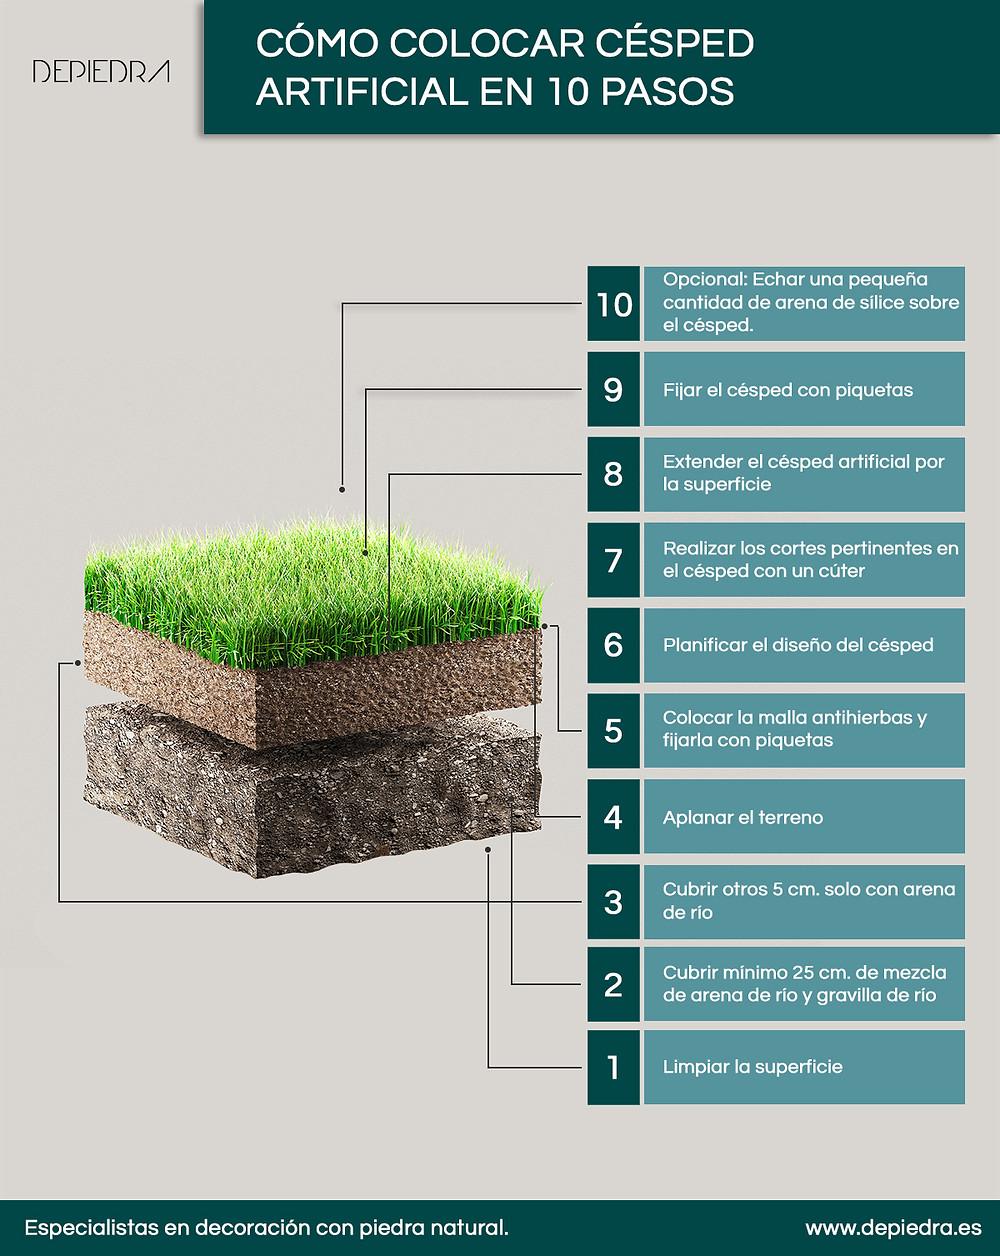 Infografía sobre cómo colocar el césped artificial en 10 pasos